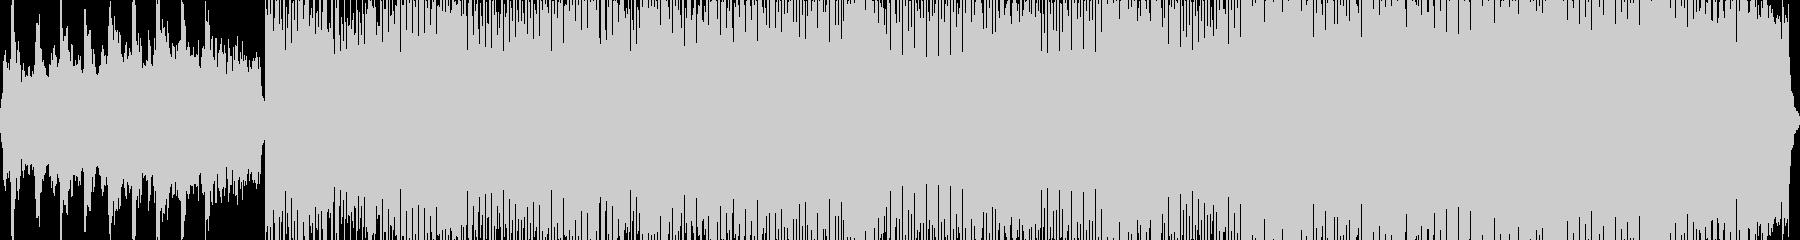 カノン/テクノアレンジの未再生の波形